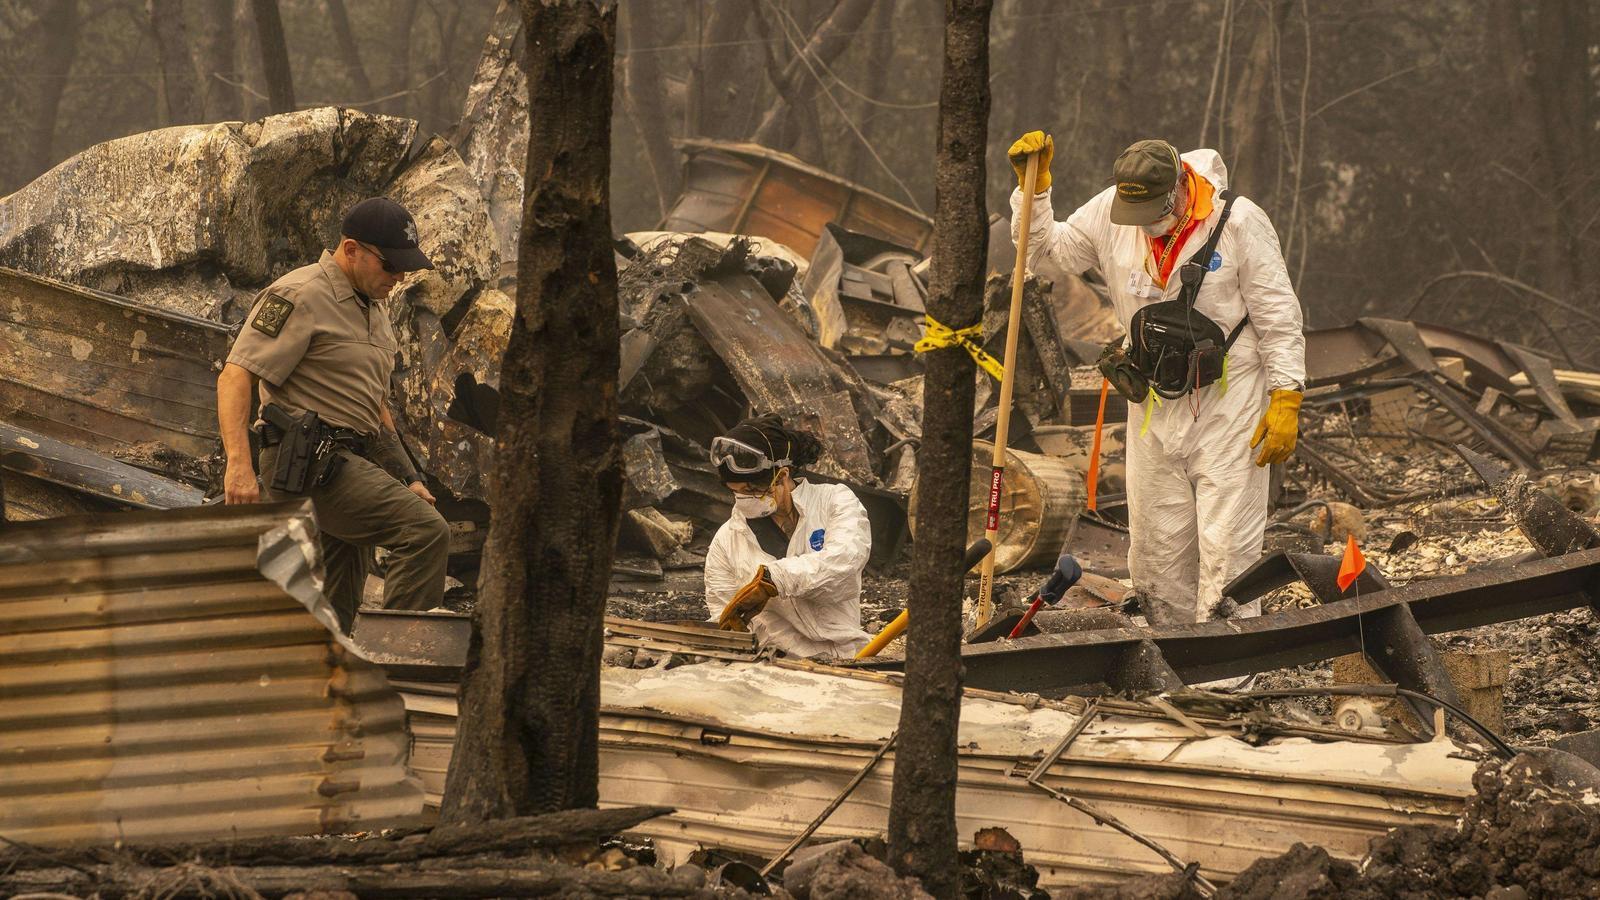 Perits i policies revisant les restes de l'incendi per investigar les causes de l'incendi, a Ashland, a l'estat d'Oregon